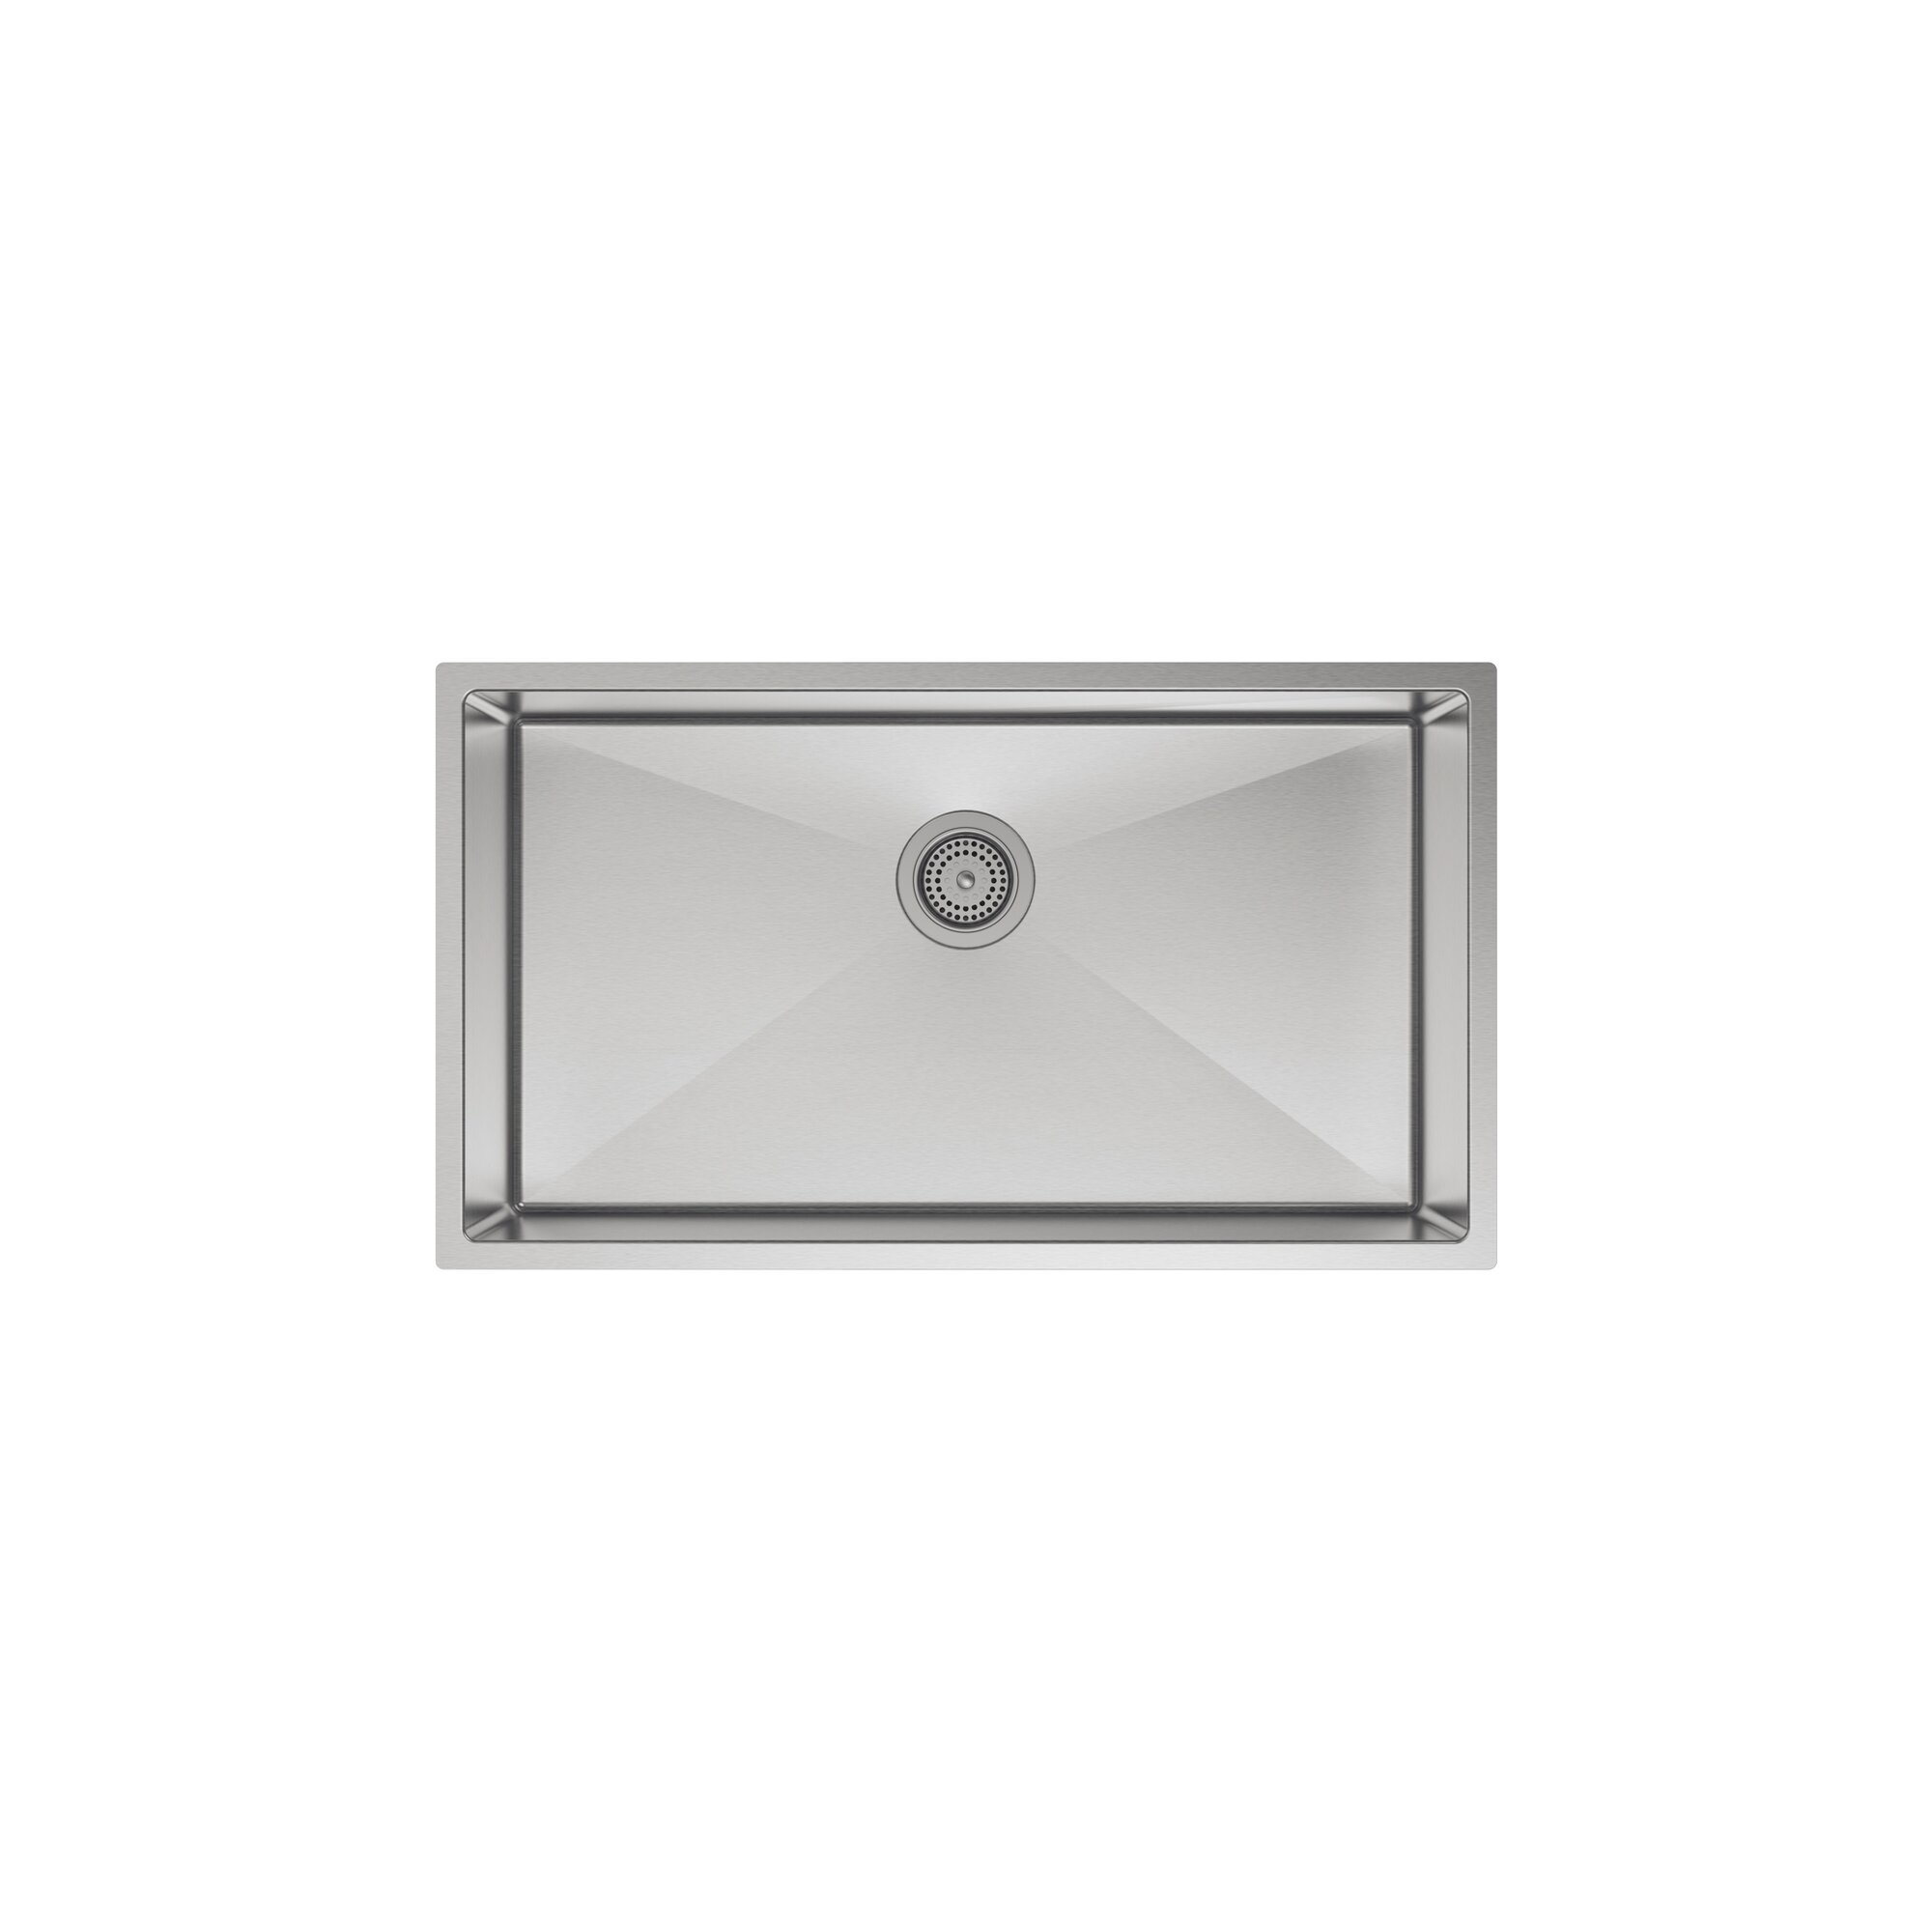 strive 32 x 1825 undermount single bowl kitchen sink with - Bowl Kitchen Sink